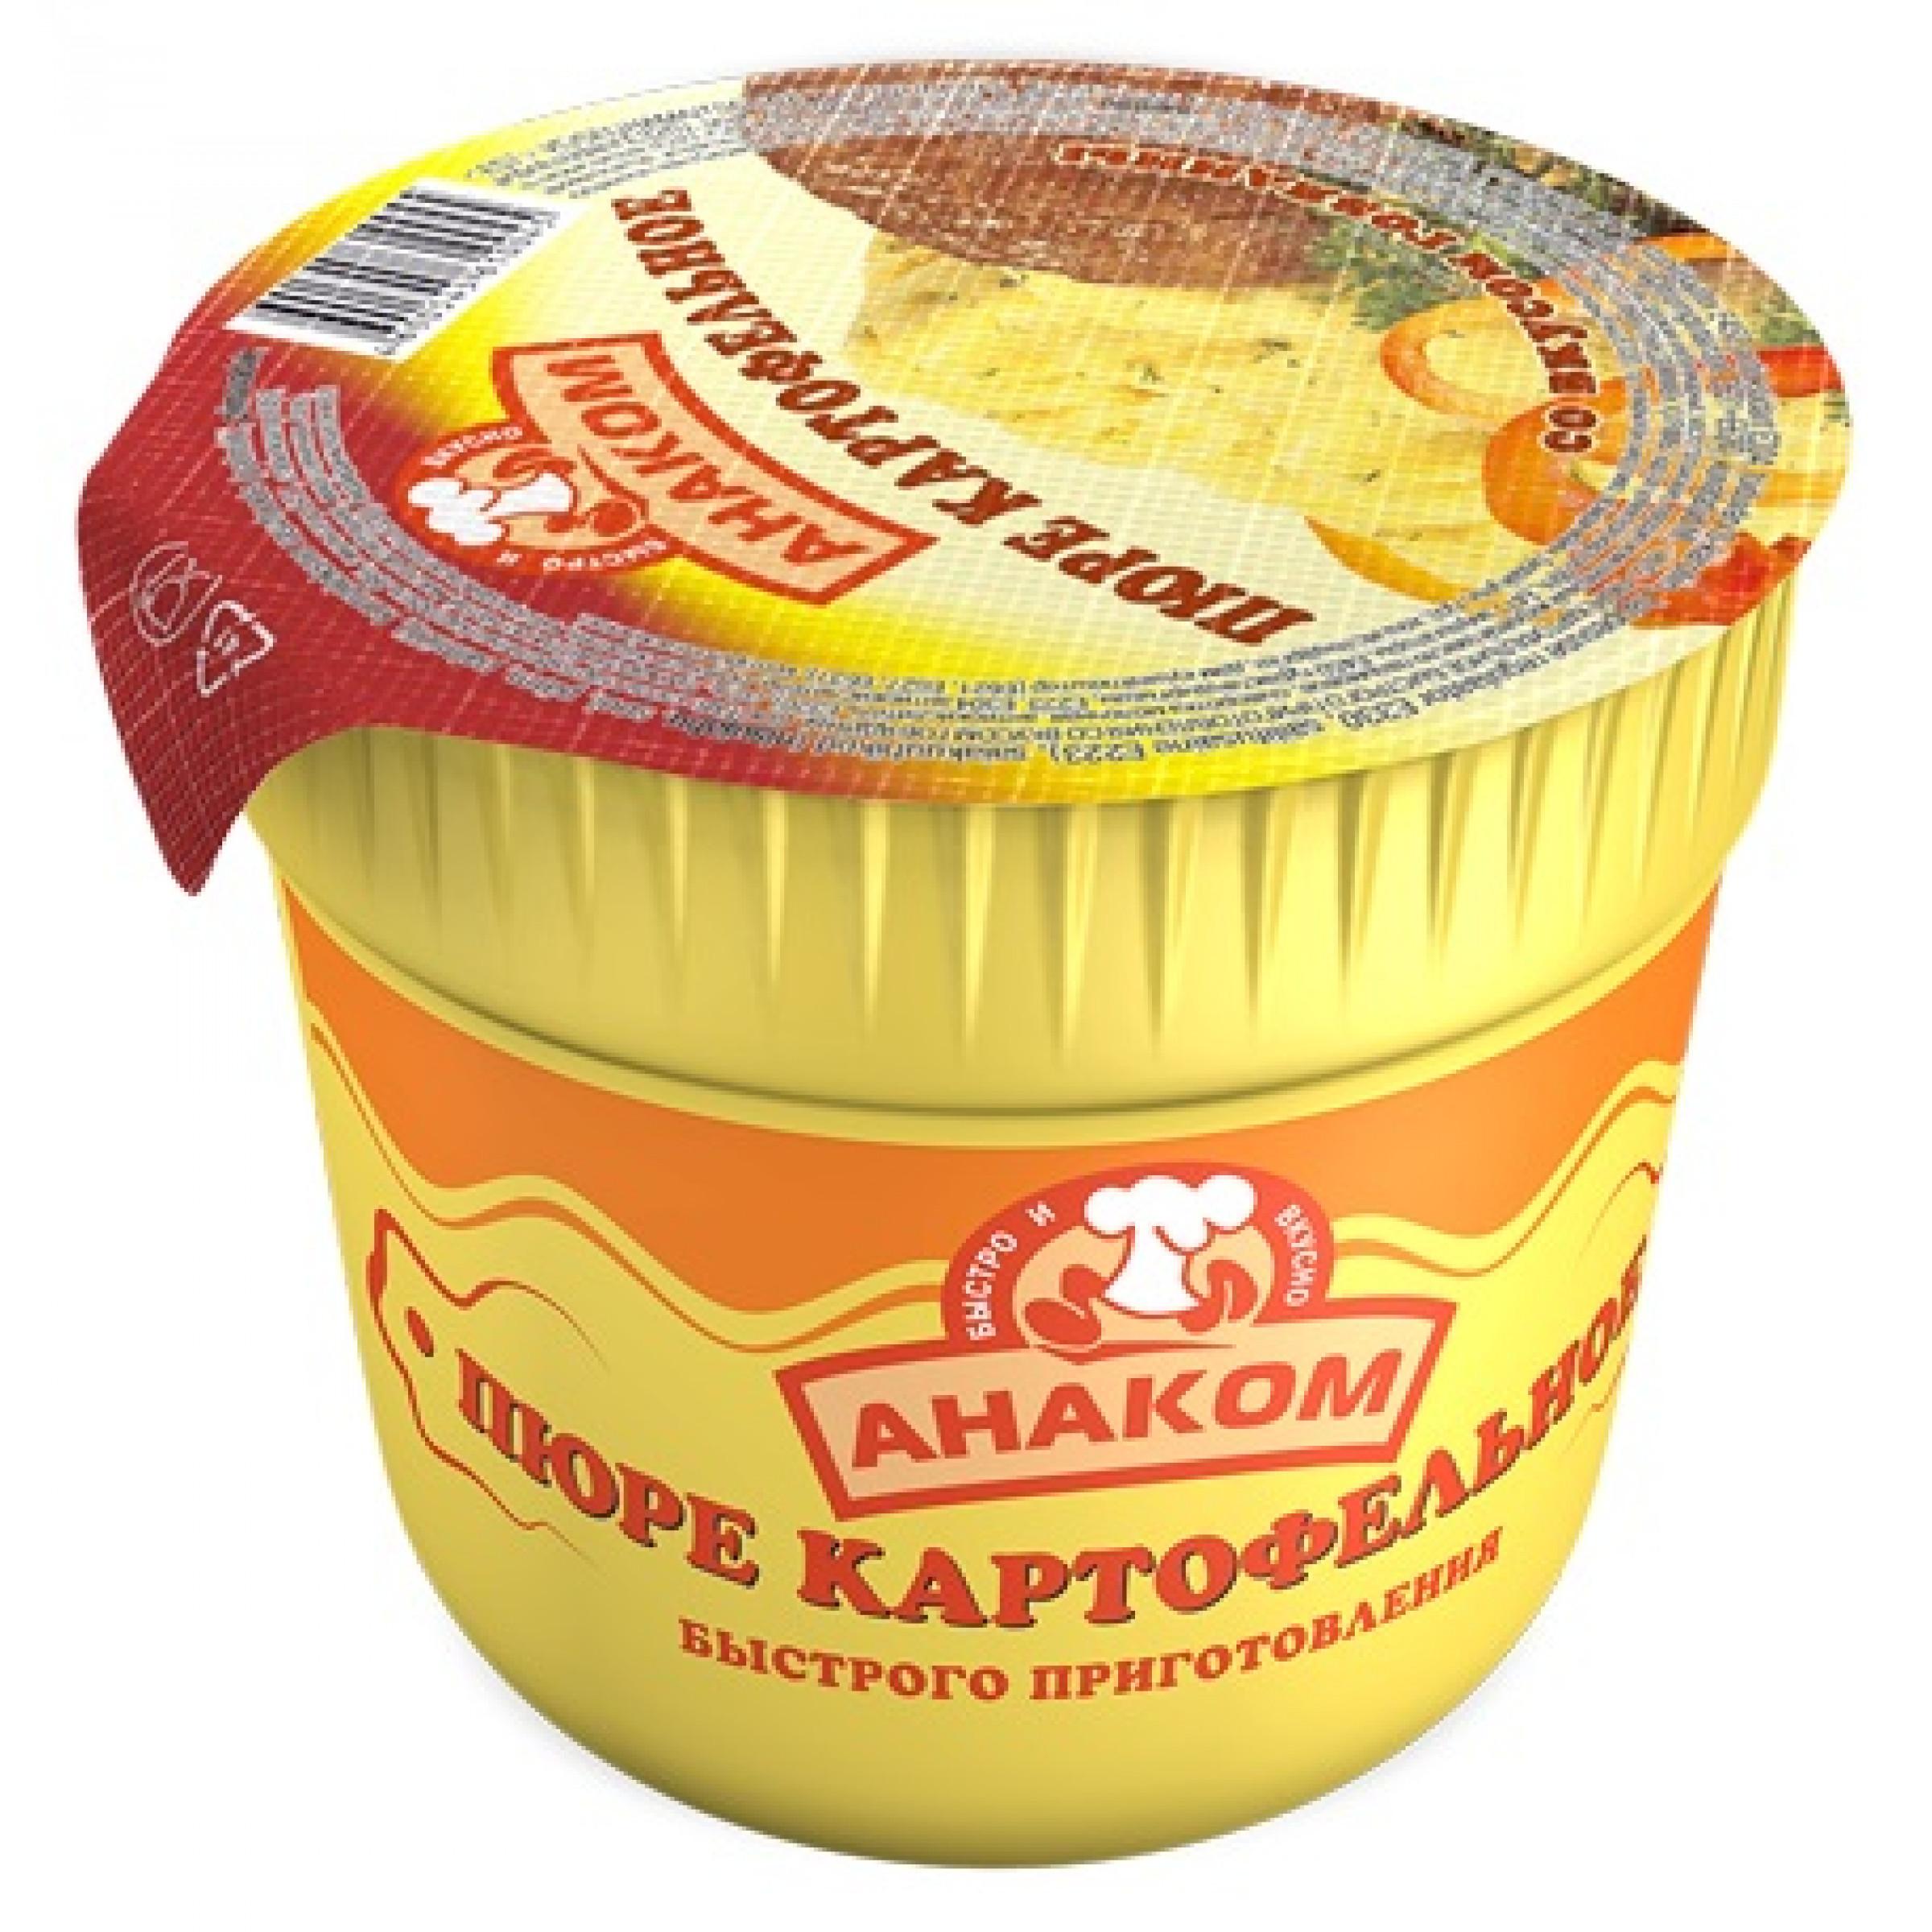 """Картофельное пюре """"Анаком"""" говядина, 40гр"""